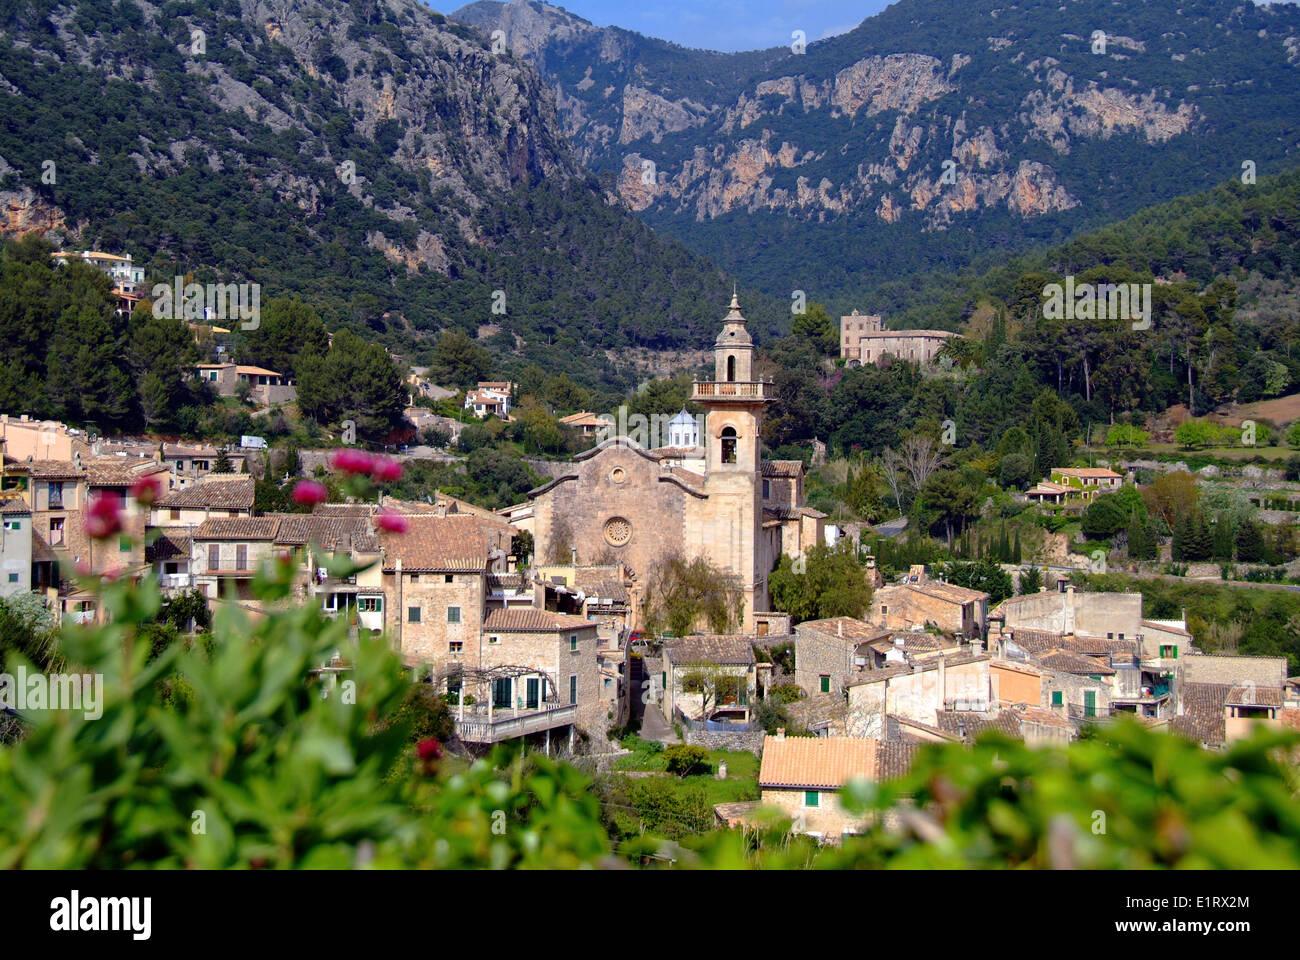 Overview to the village Valldemossa Valdemossa Majorca Spain Stock Photo